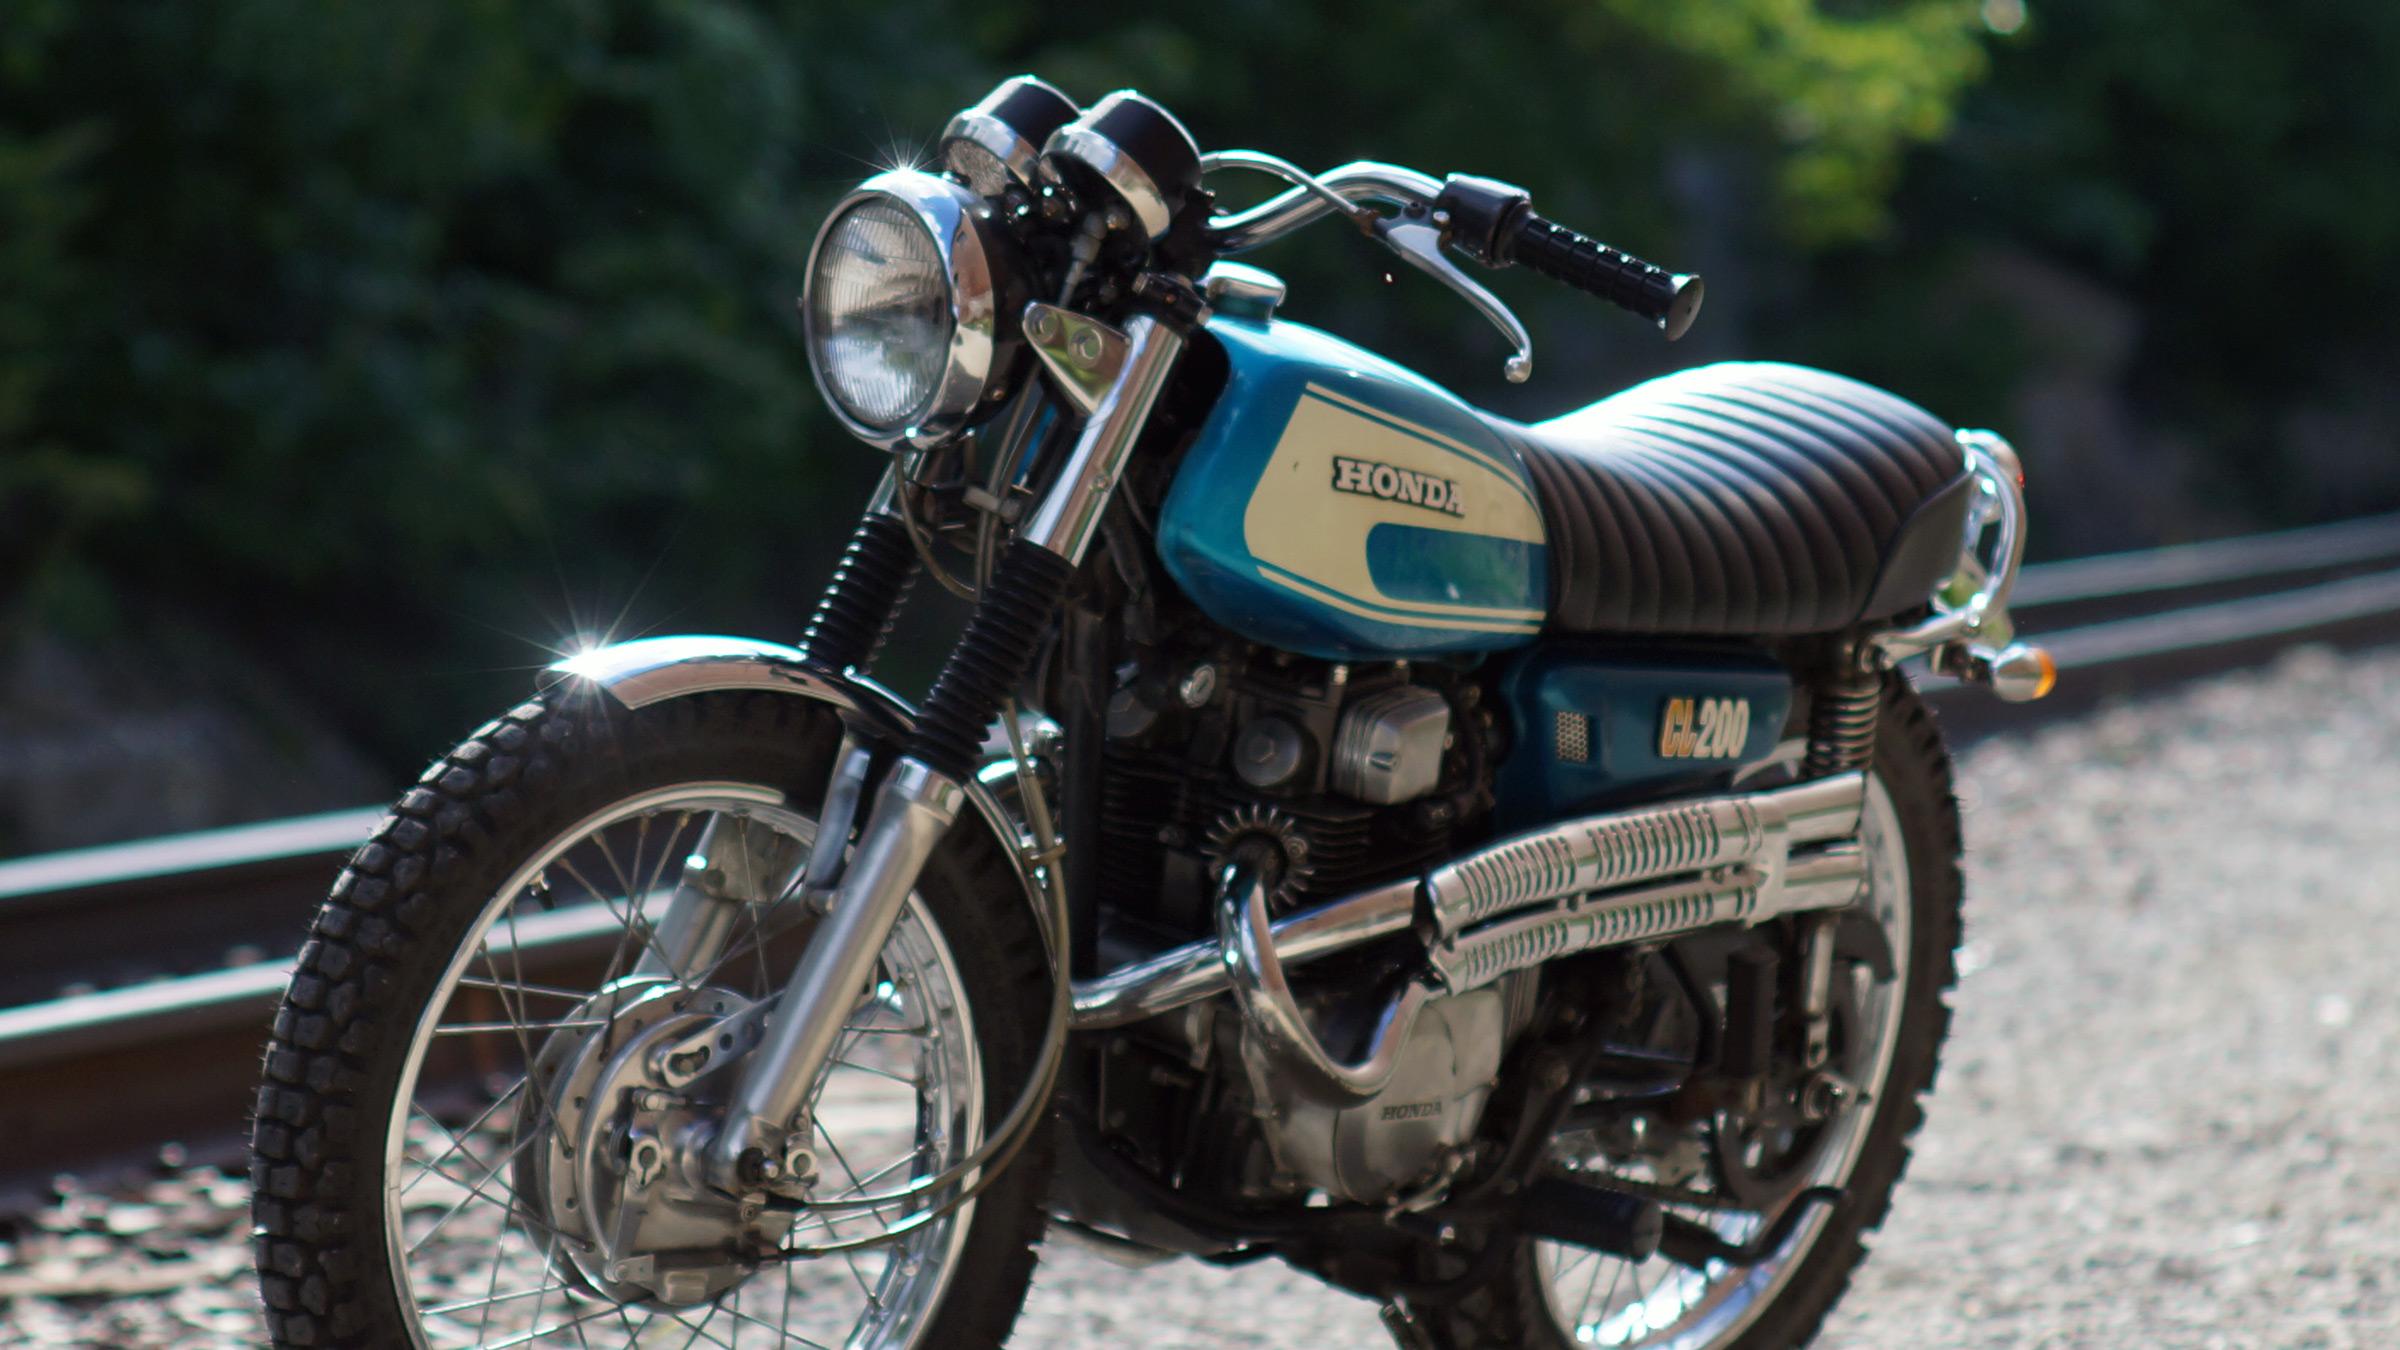 1974 Honda Cl200 Dan 183 Nix